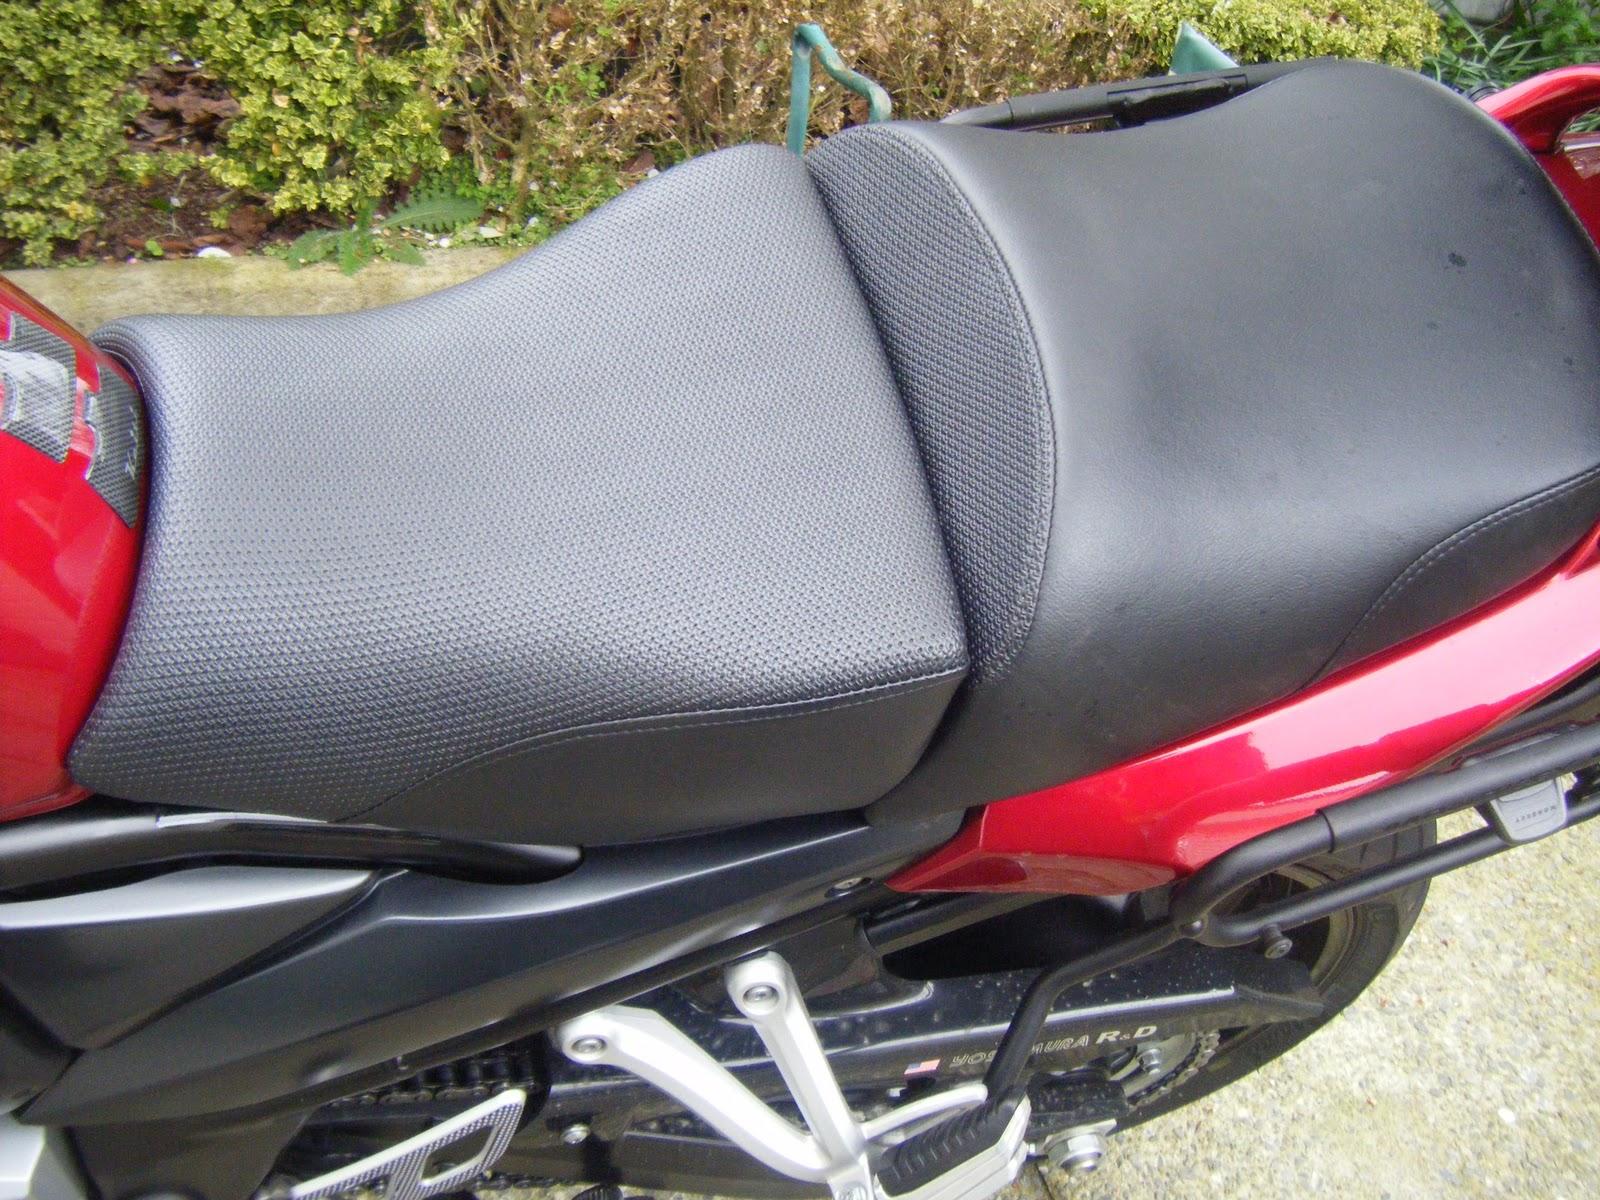 Suzuki Bandit Gel Seat